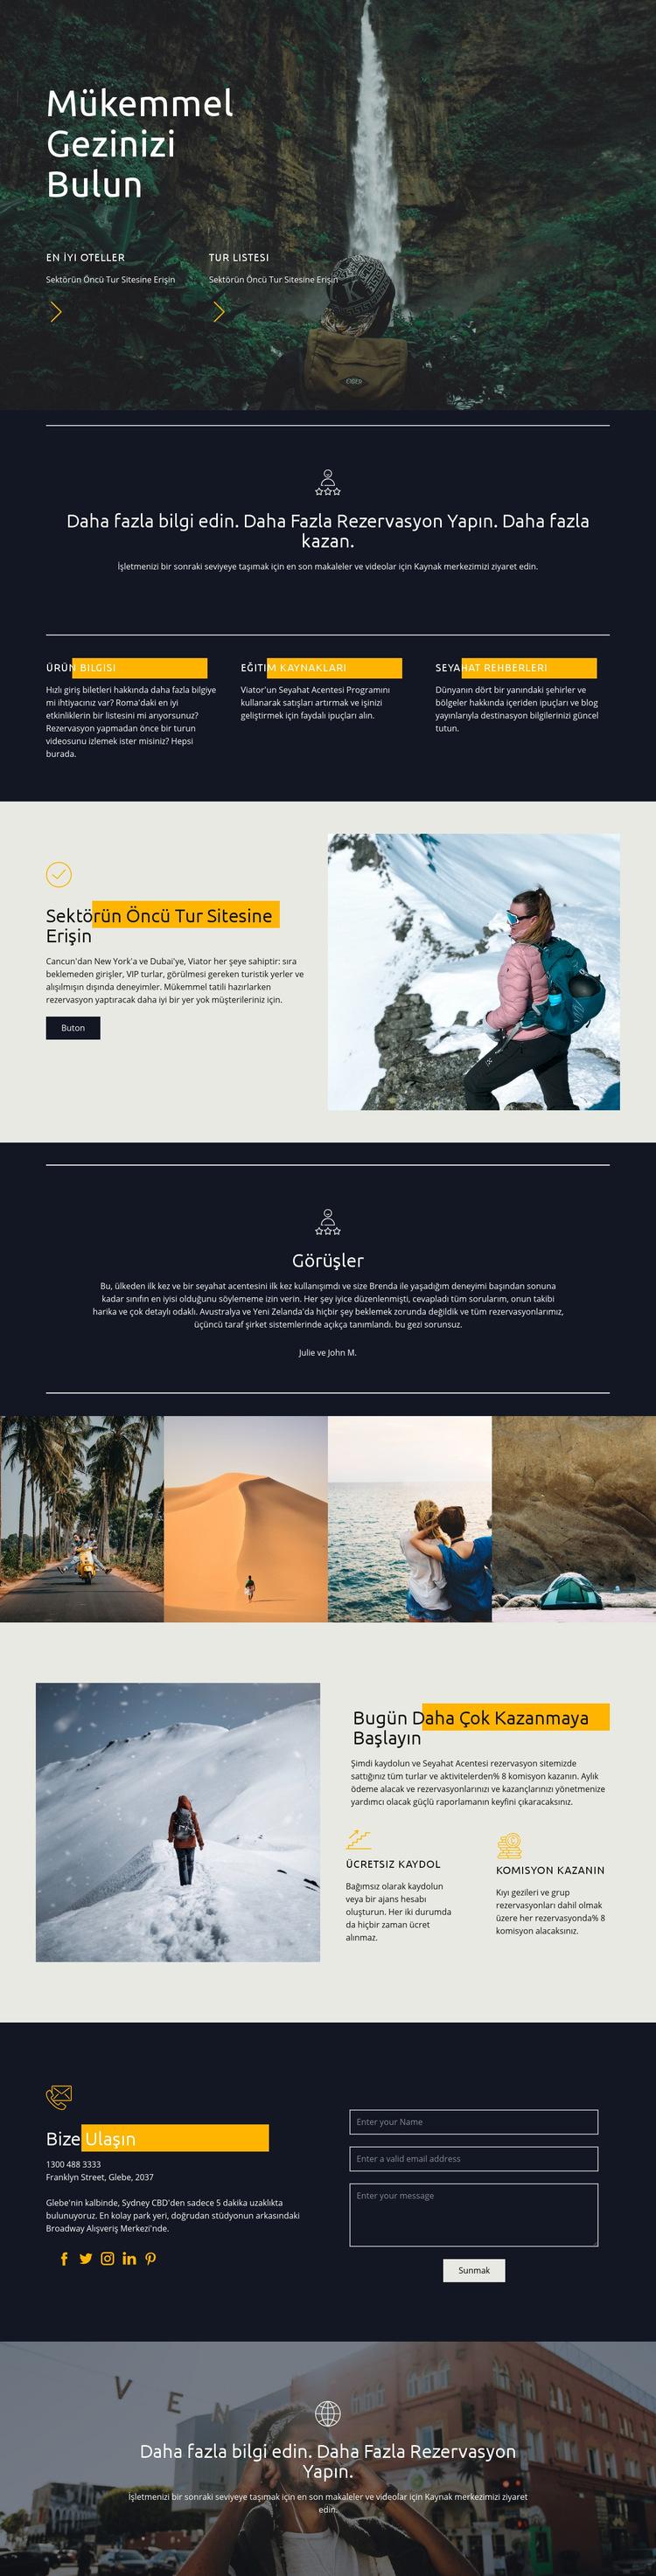 Mükemmel seyahatinizi bulun Web Sitesi Şablonu